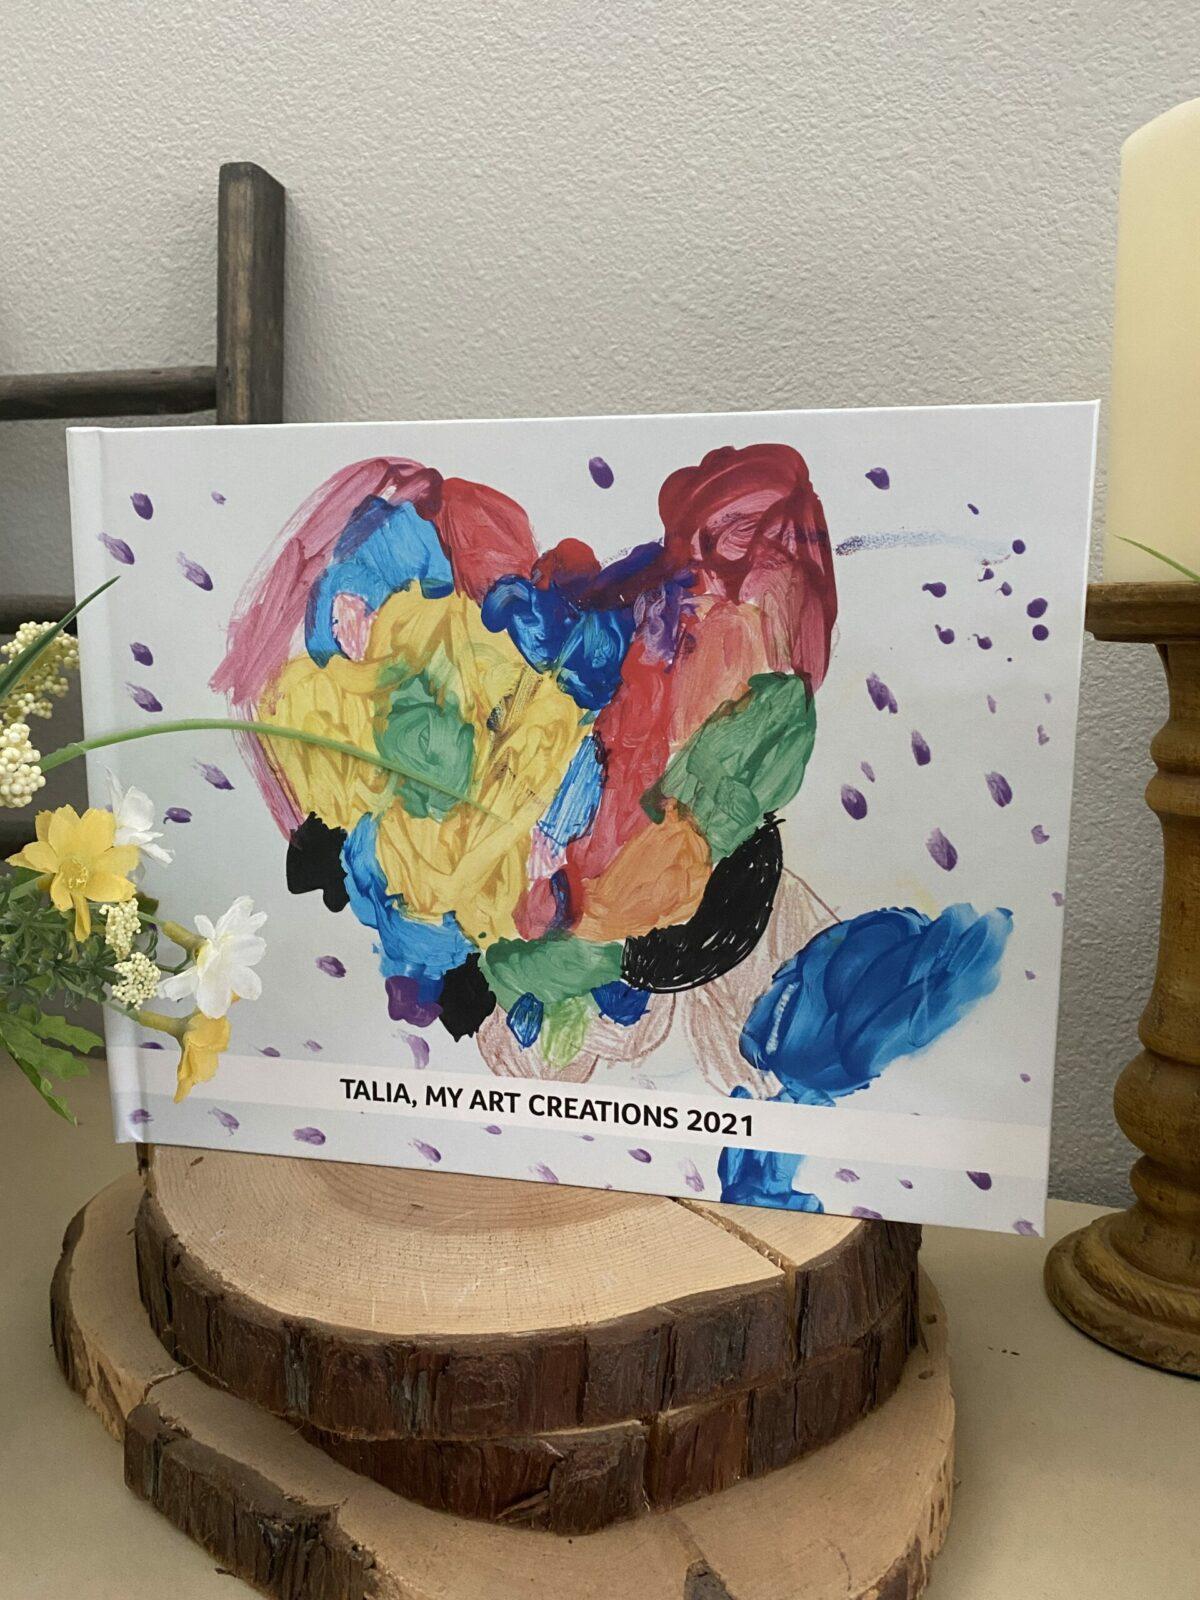 Thay đổi cách chúng tôi lưu trữ tác phẩm nghệ thuật dành cho trẻ em